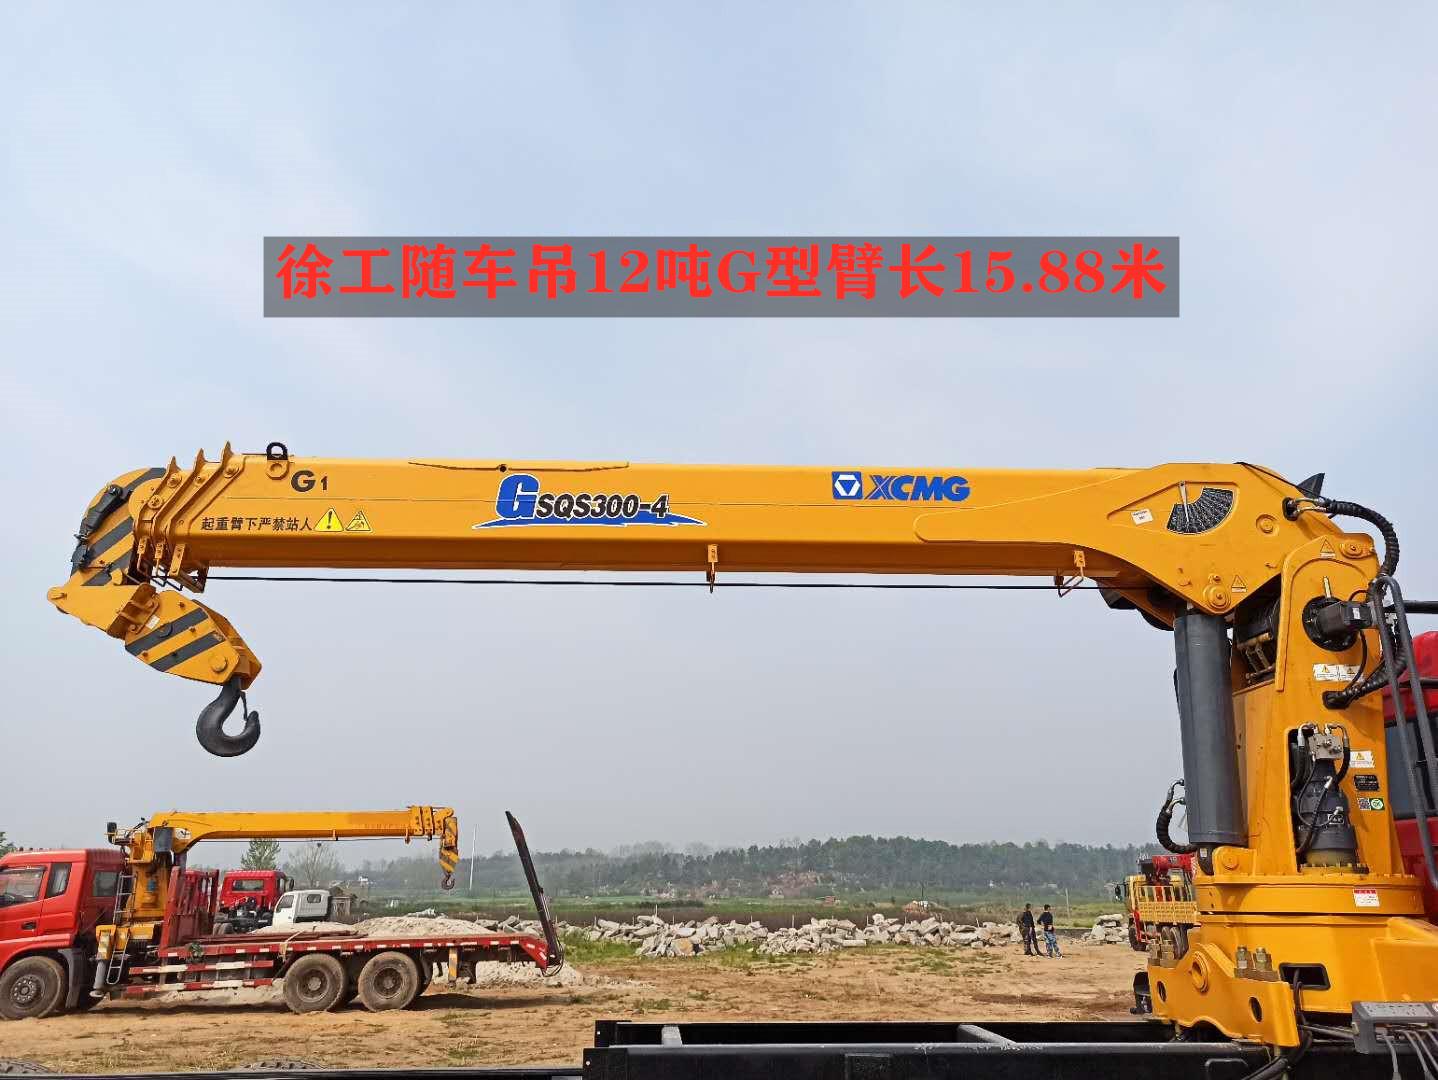 徐工G型12吨SQS300-4吊机图片